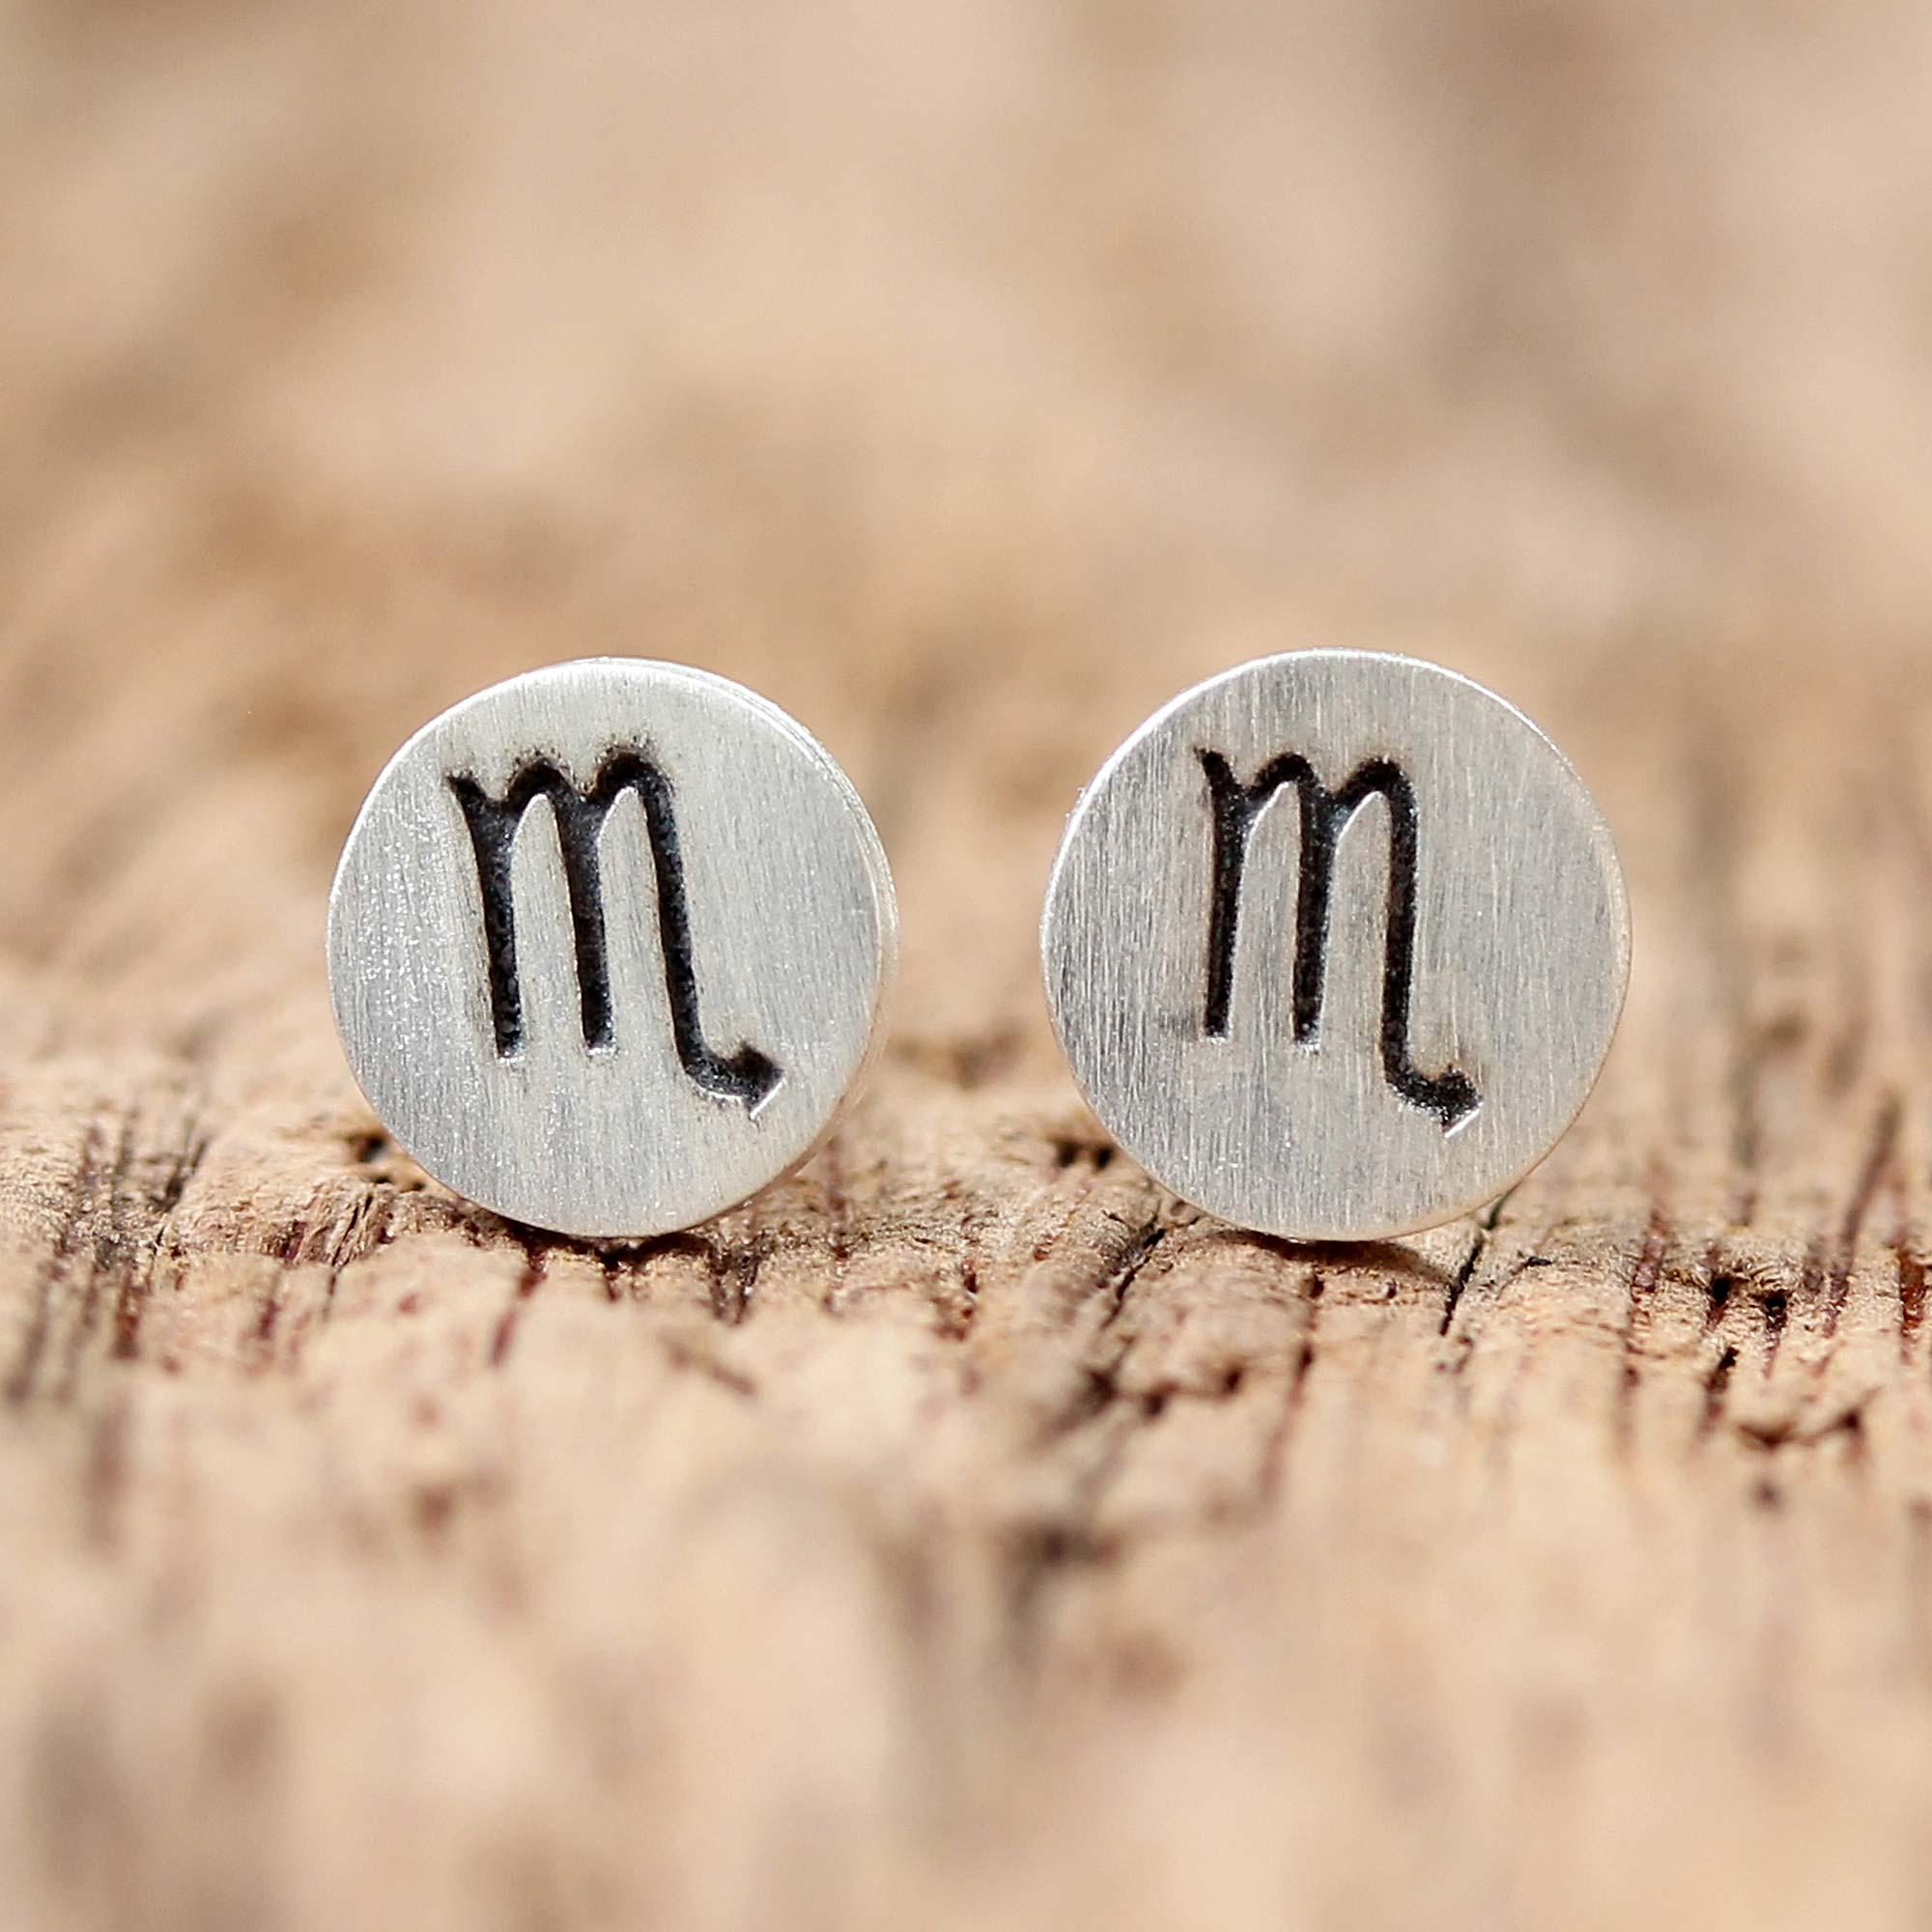 Scorpion Stud Earrings Sterling Silver 925 November Zodiac Sign Jewelry